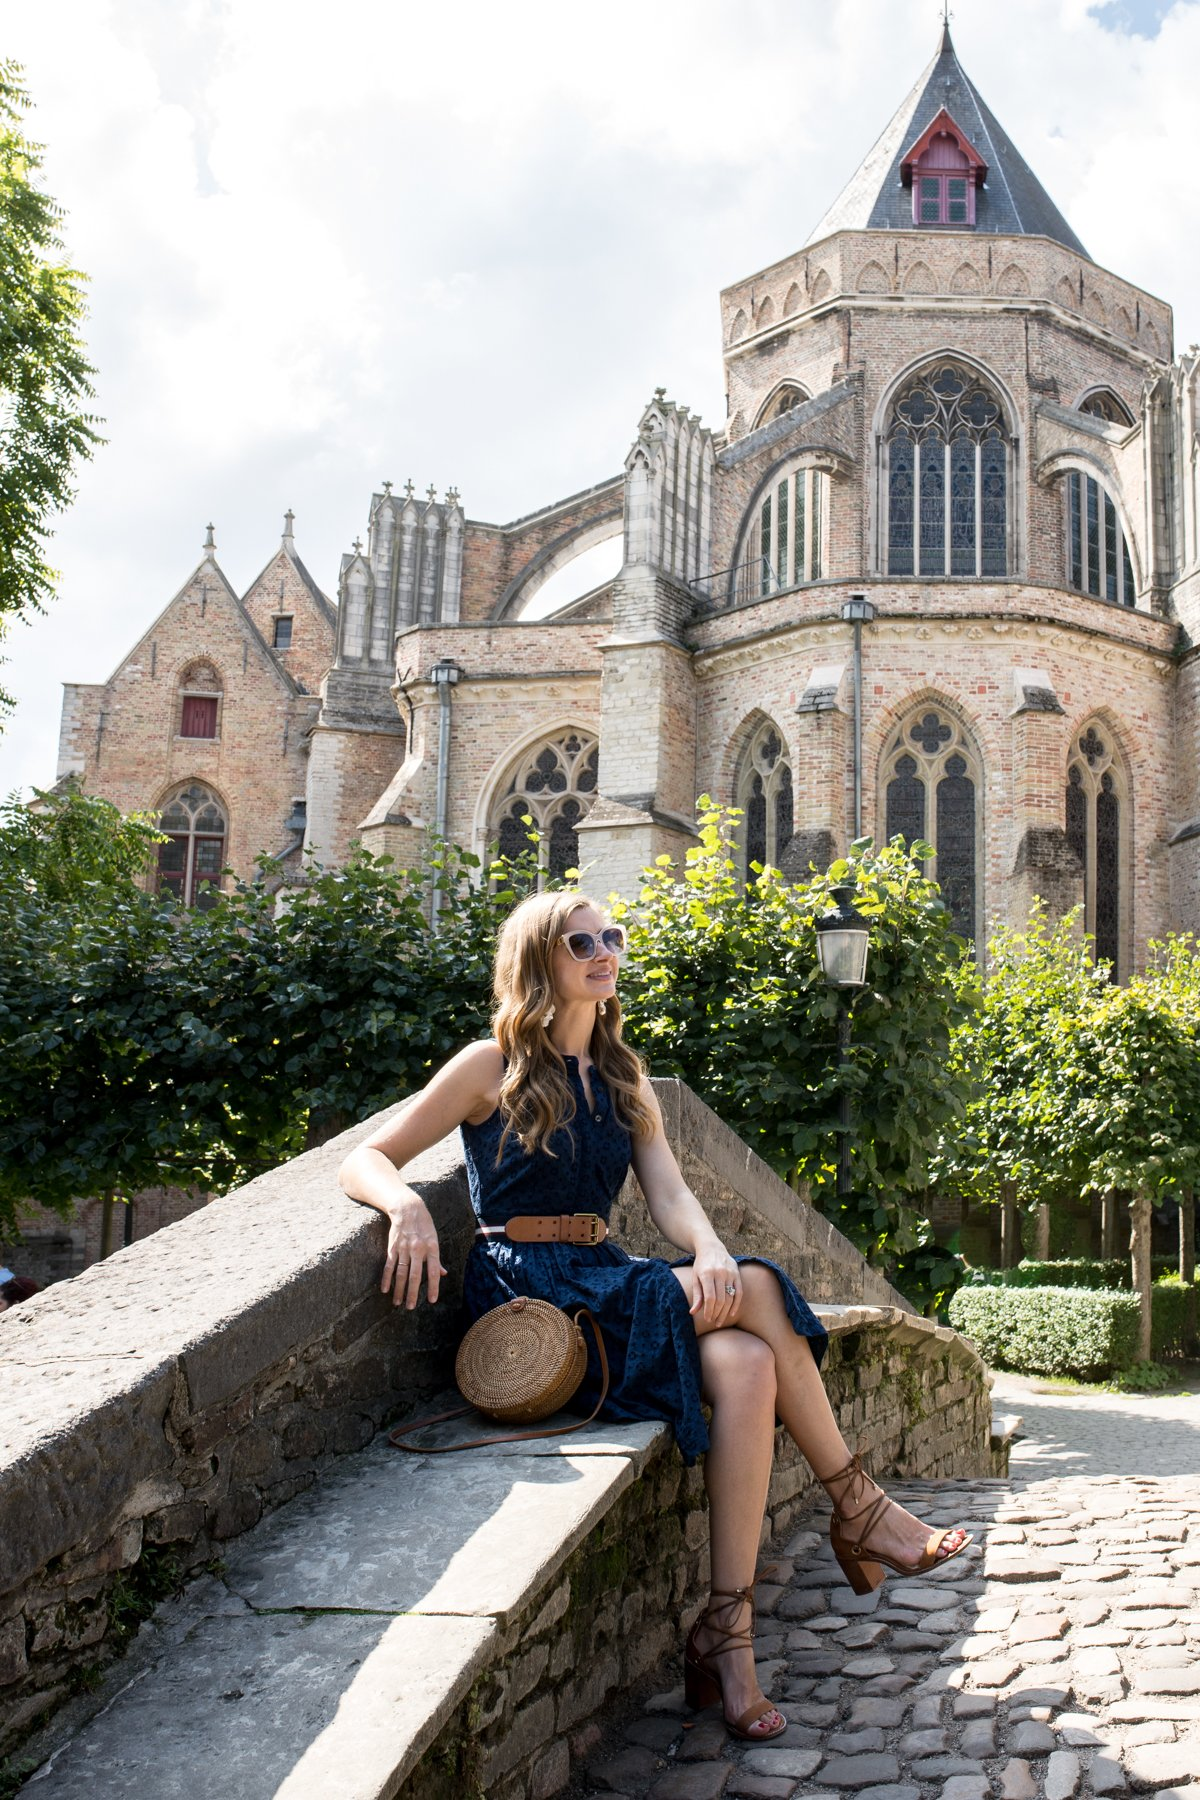 Stacie Flinner Brugge City Guide-19